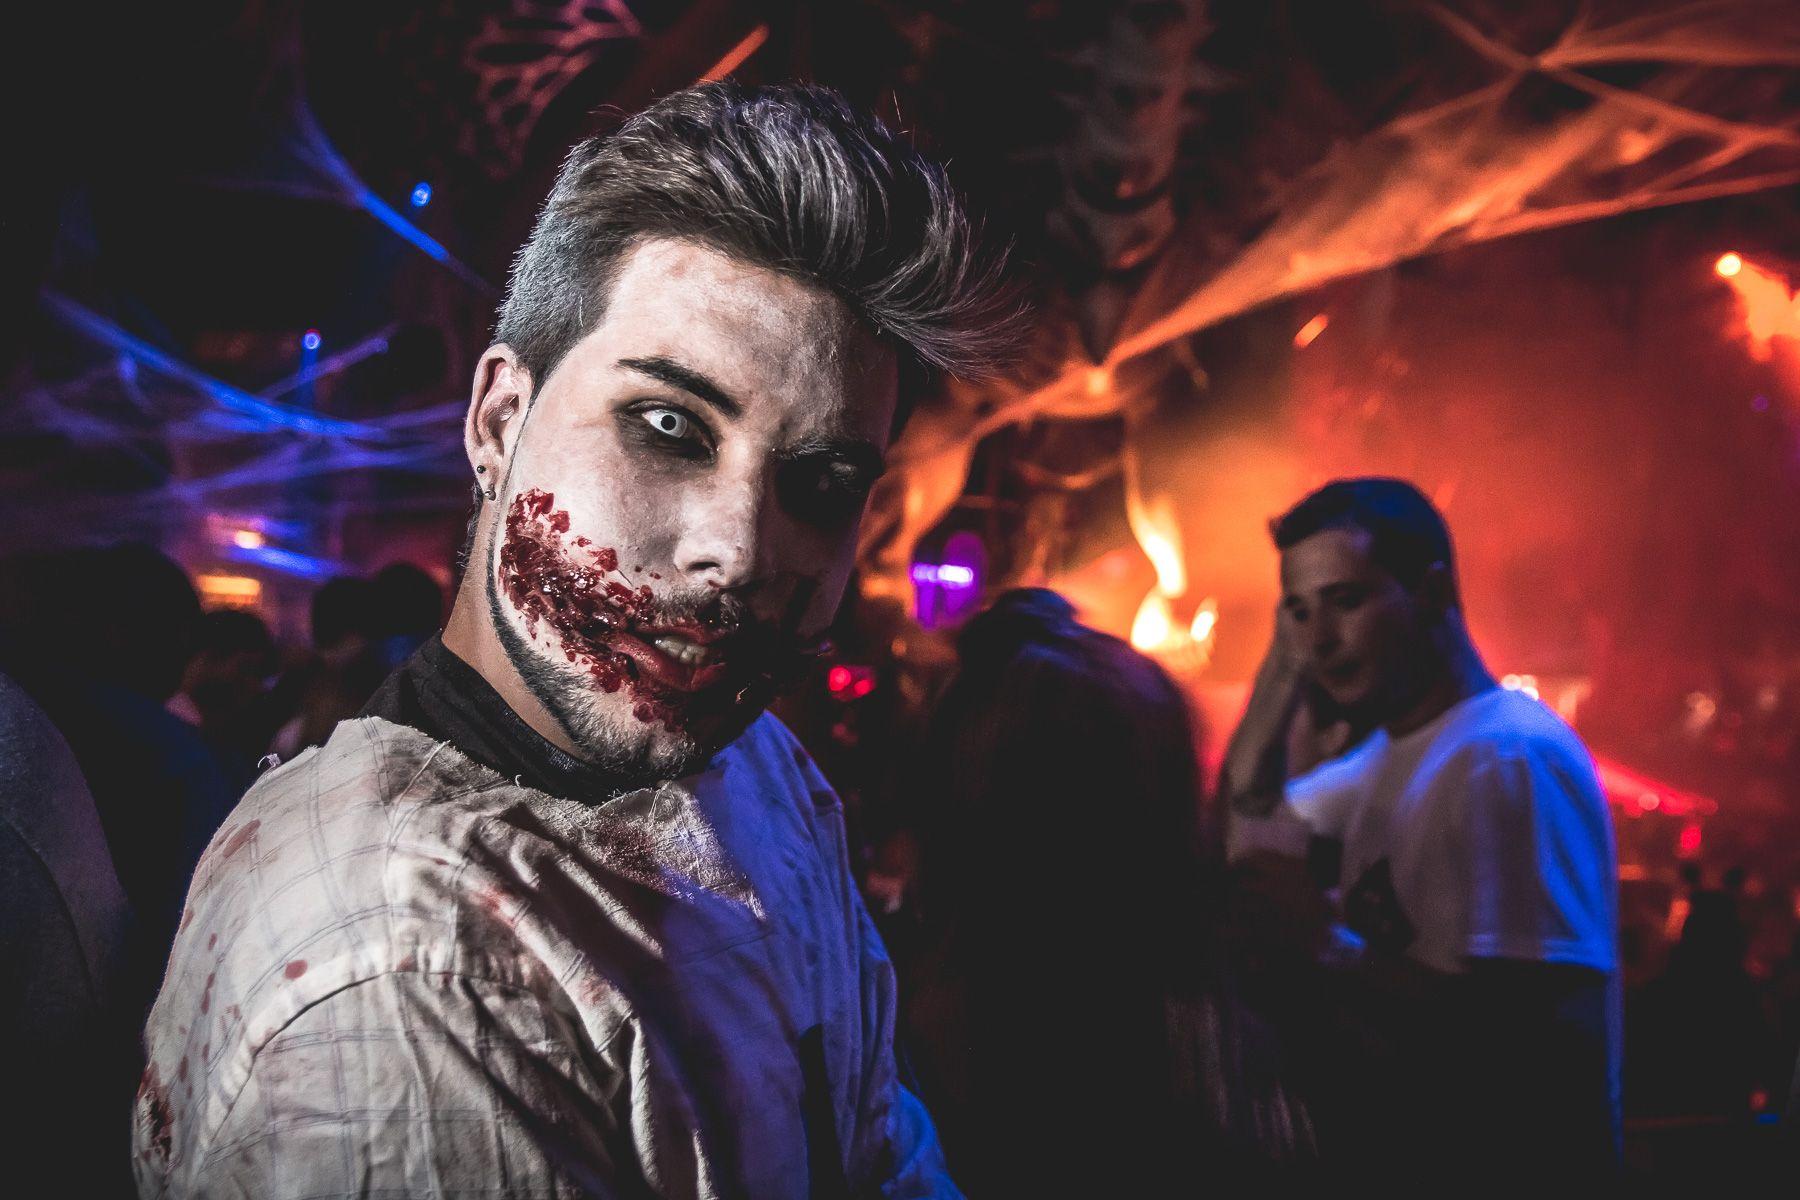 'Fabrik' es una de las discotecas madrileñas que más en serio se toma la celebración de Halloween. Foto: 'Fabrik'